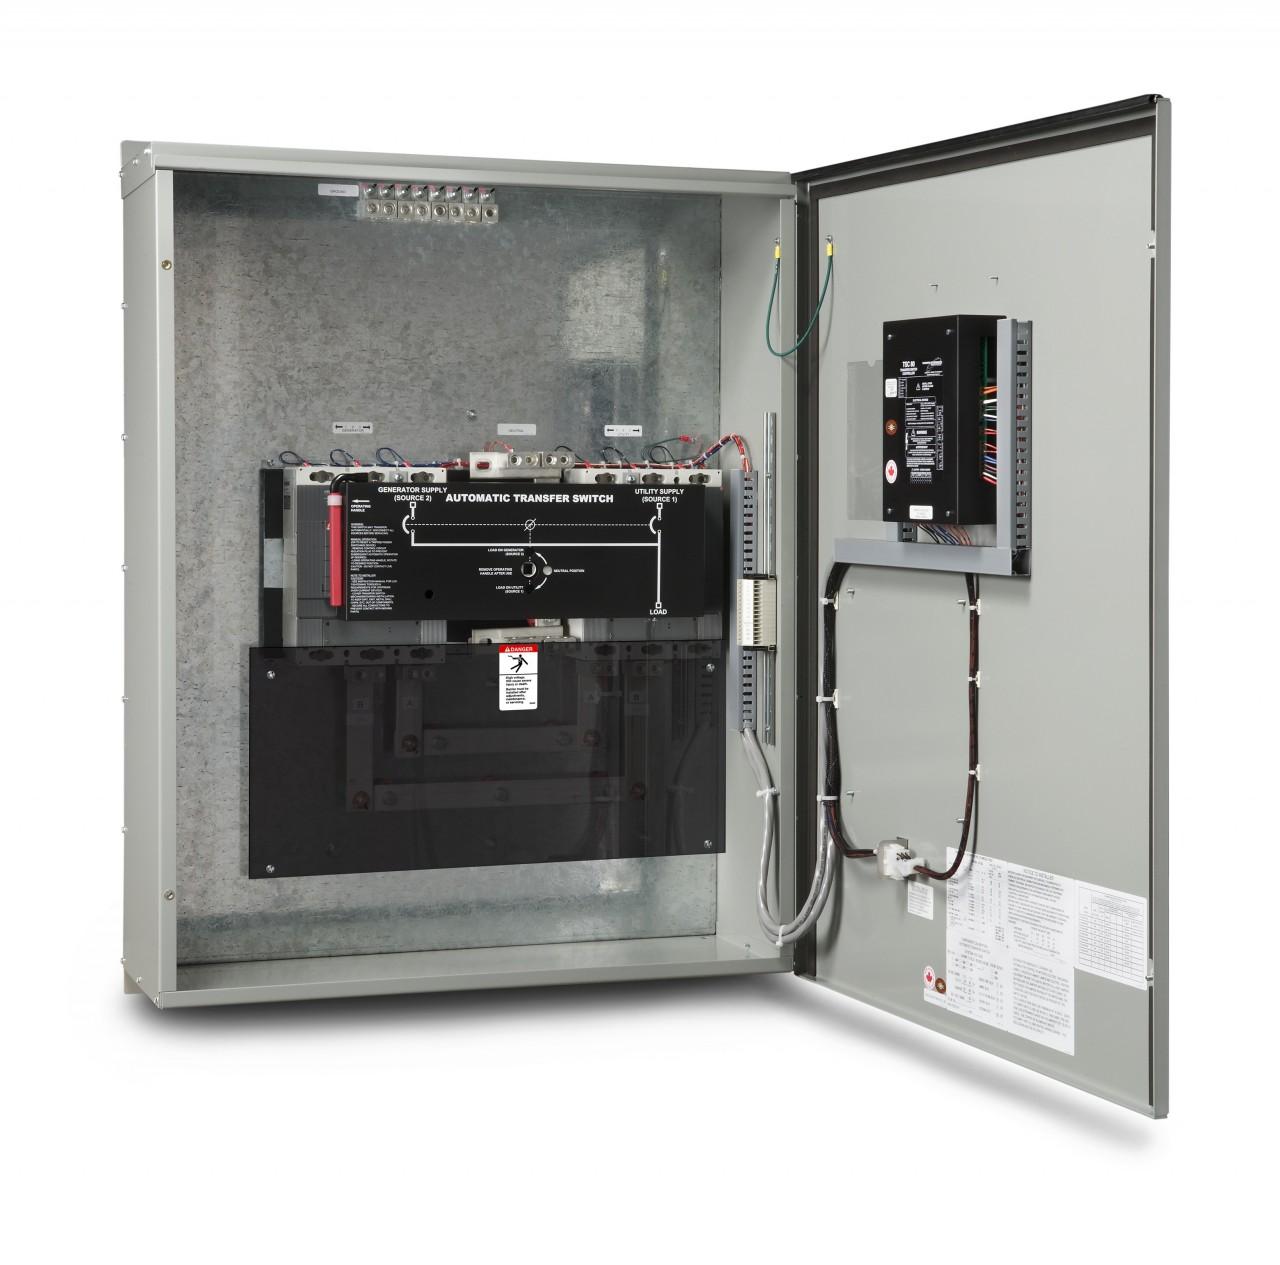 Thomson TS840 Auto Transfer Switch (1Ph, 100A)